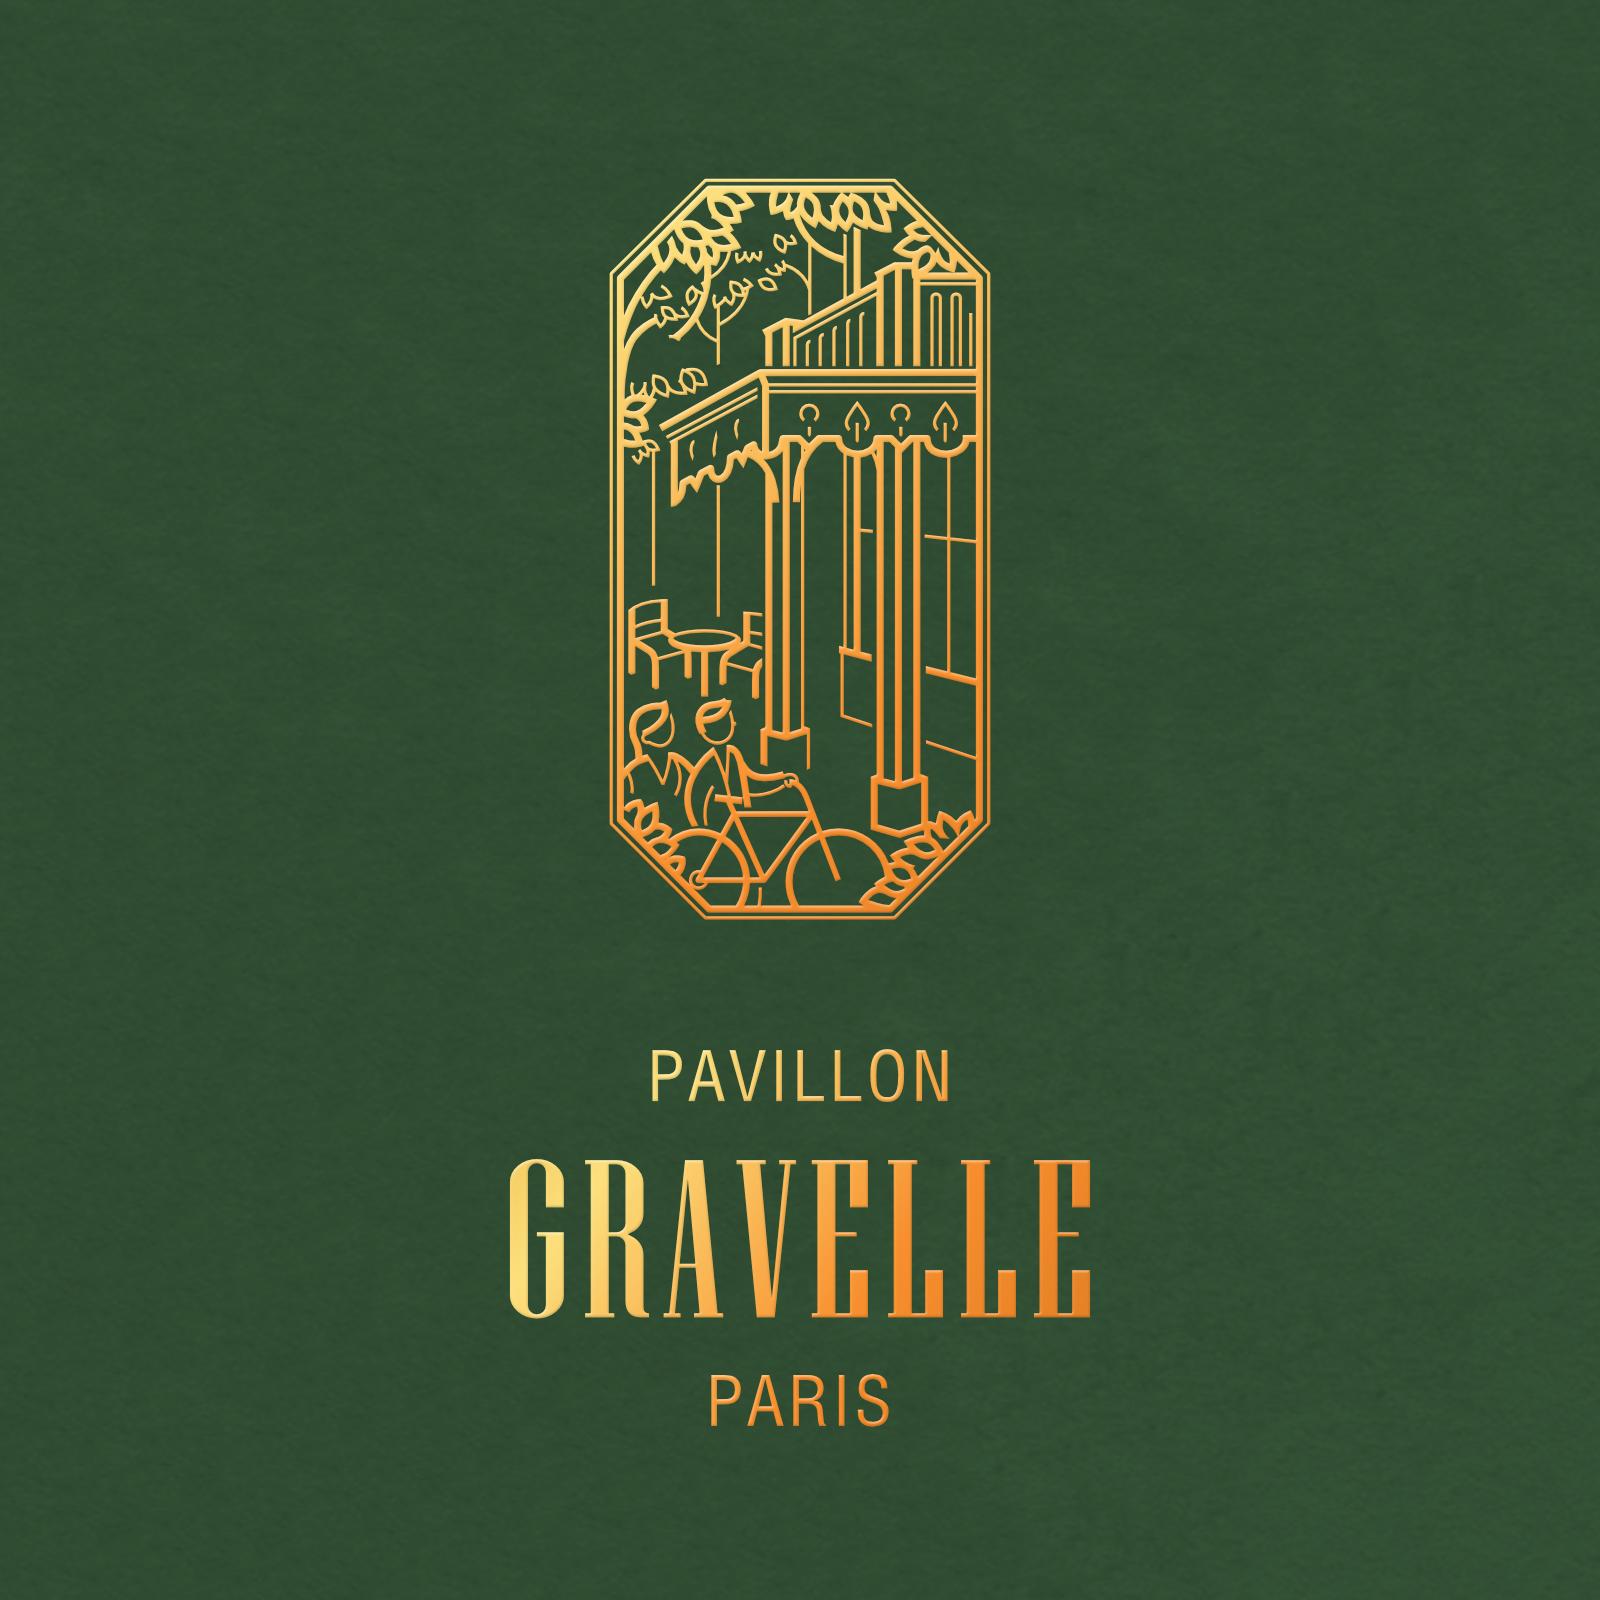 Pavillon de Gravelle